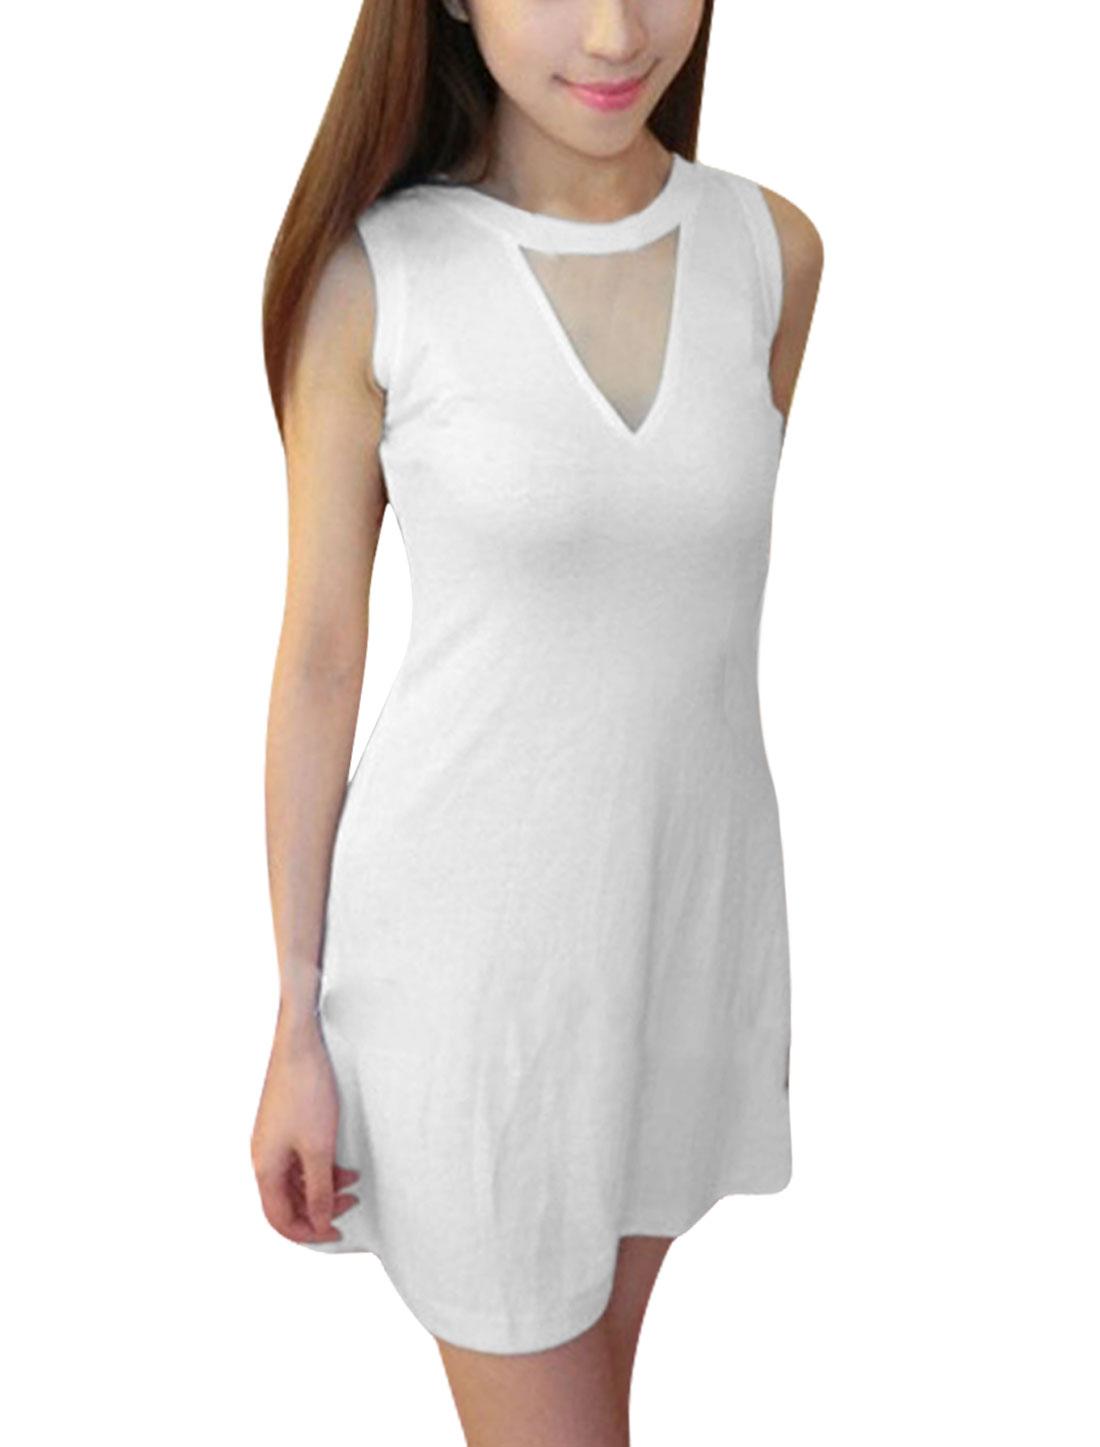 Stylish Ladies V Neck Sleeveless Stretchy Dress White XS